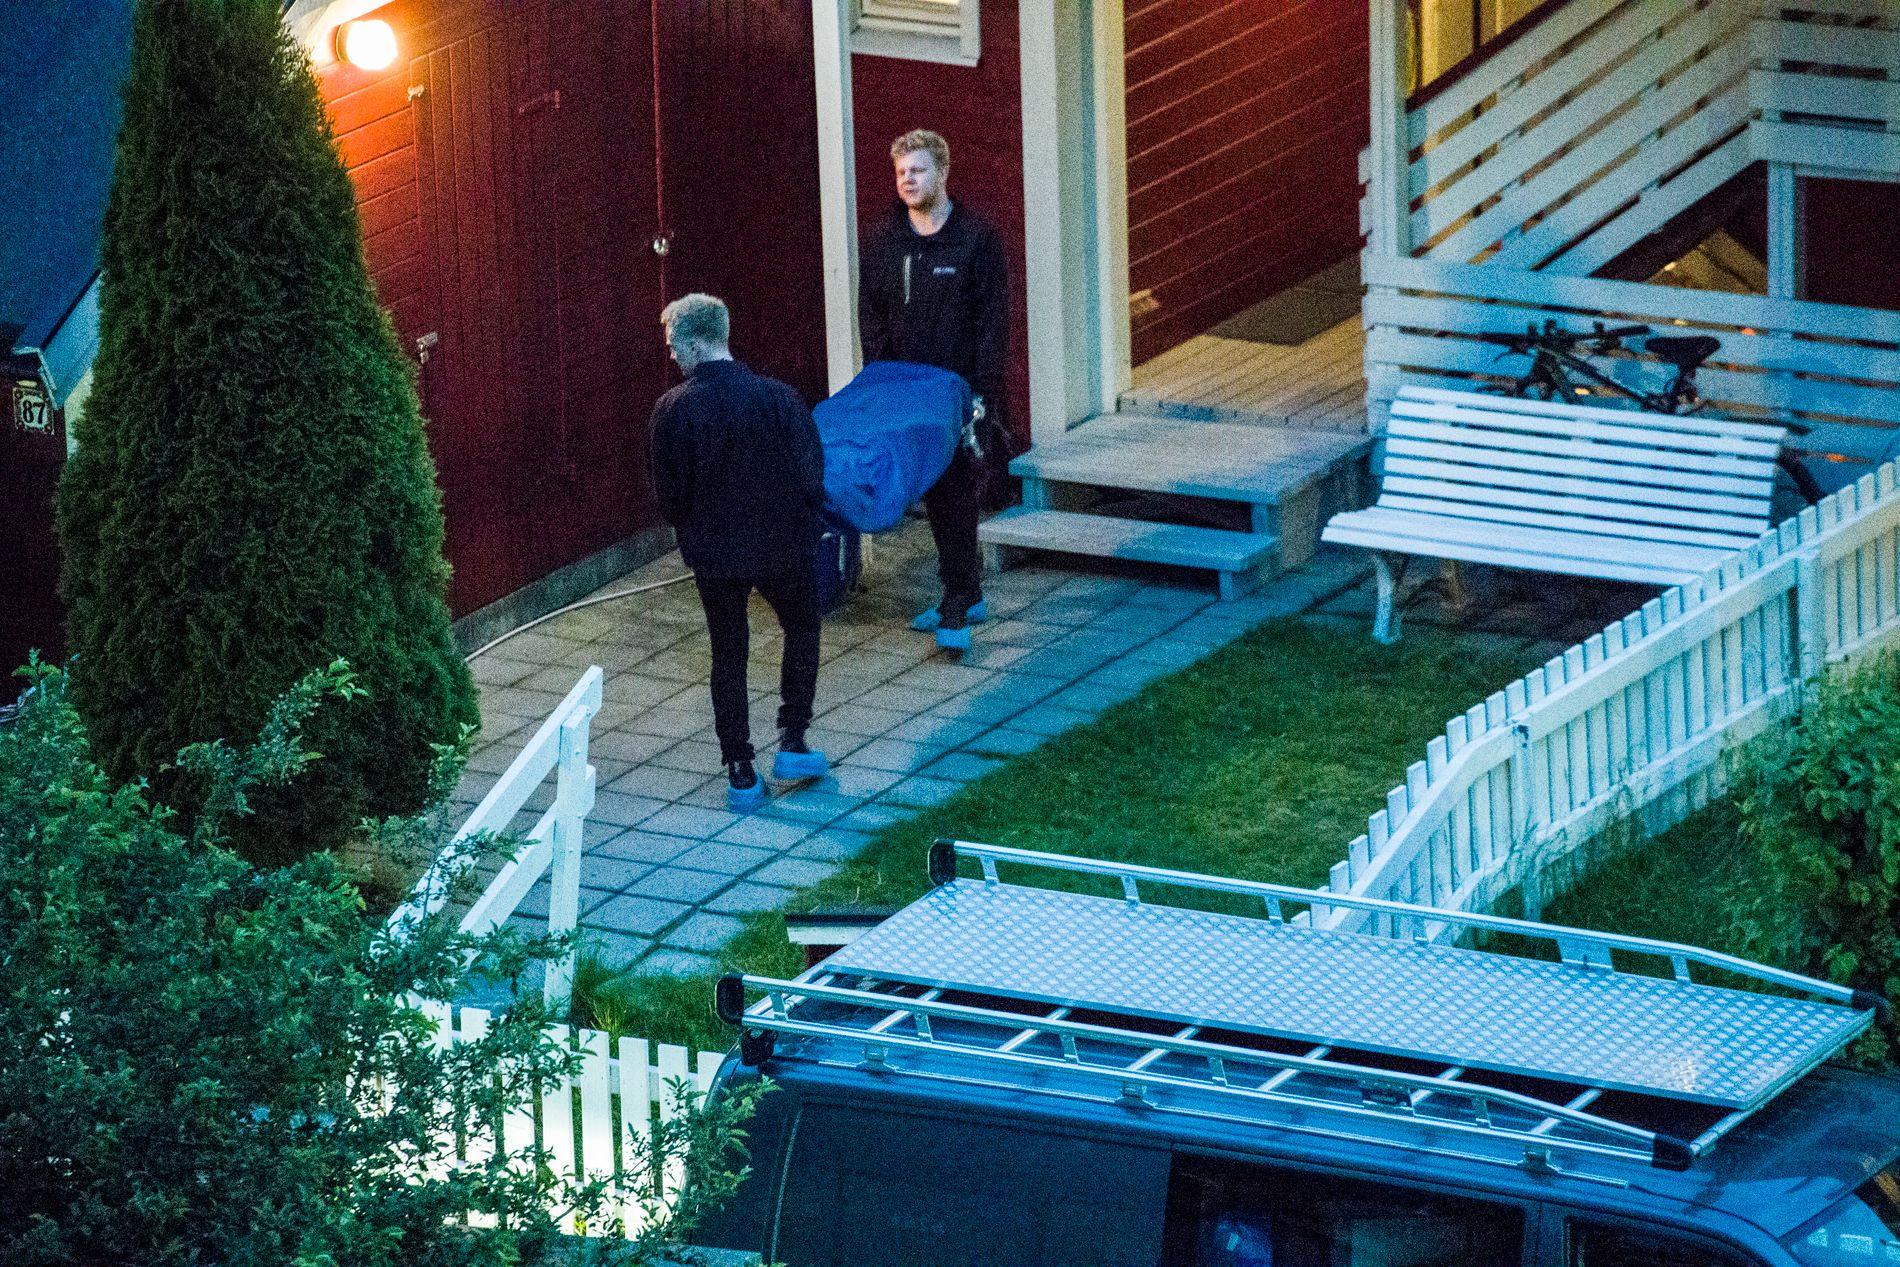 KNIVDREPT: Den 54 år gamle mannen døde av forblødning etter å ha blitt stukket med kniv to ganger. En nå 42 år gammel tyrkisk mann er tiltalt for drapet, og møter denne uken i Oslo tingrett.